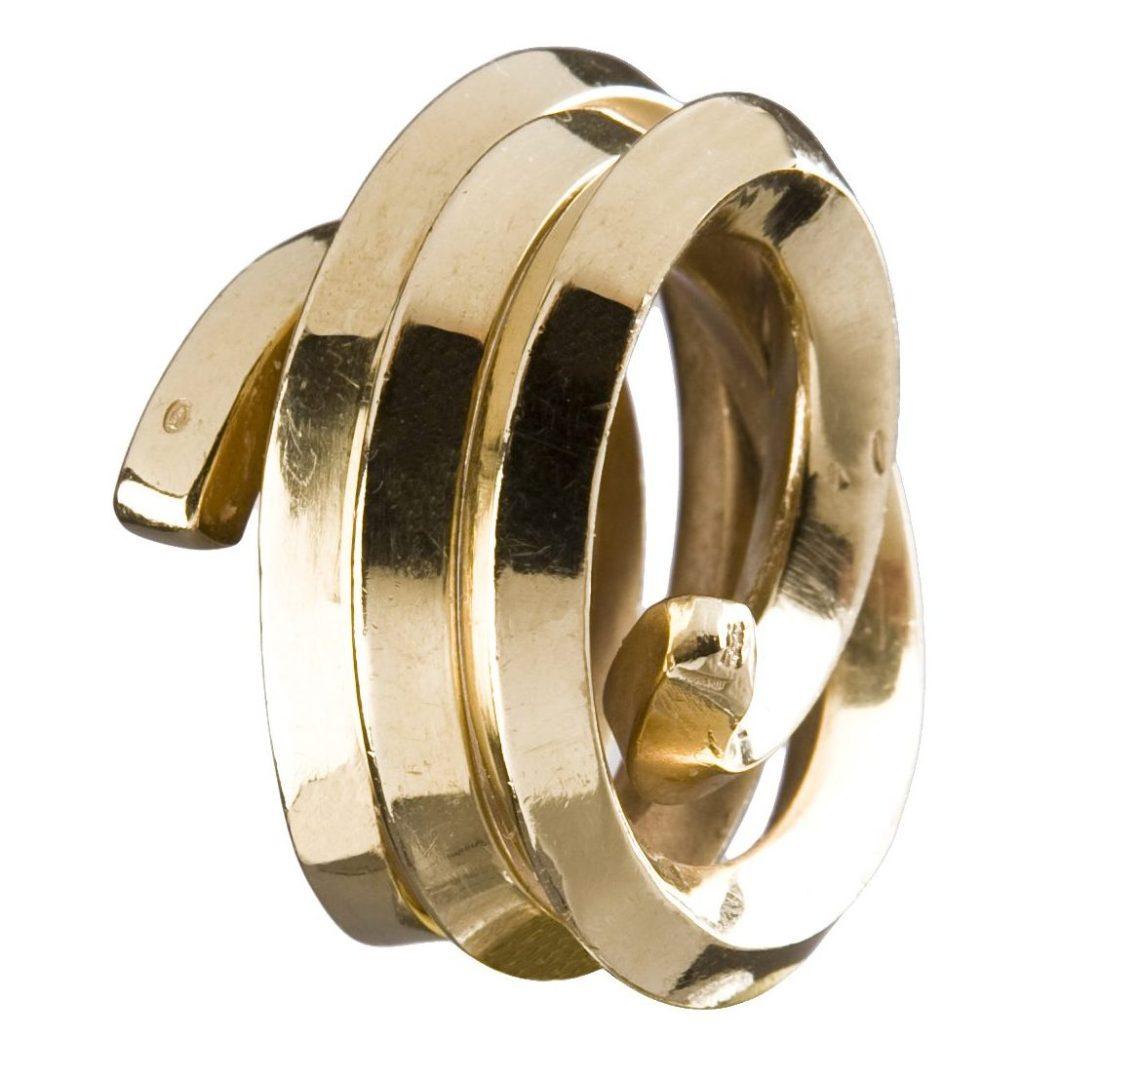 Bernar Venet, Ligne indéterminée, ring, 2010. Collectie Diane Venet. Foto met dank aan Musée des Arts Décoratifs Parijs©